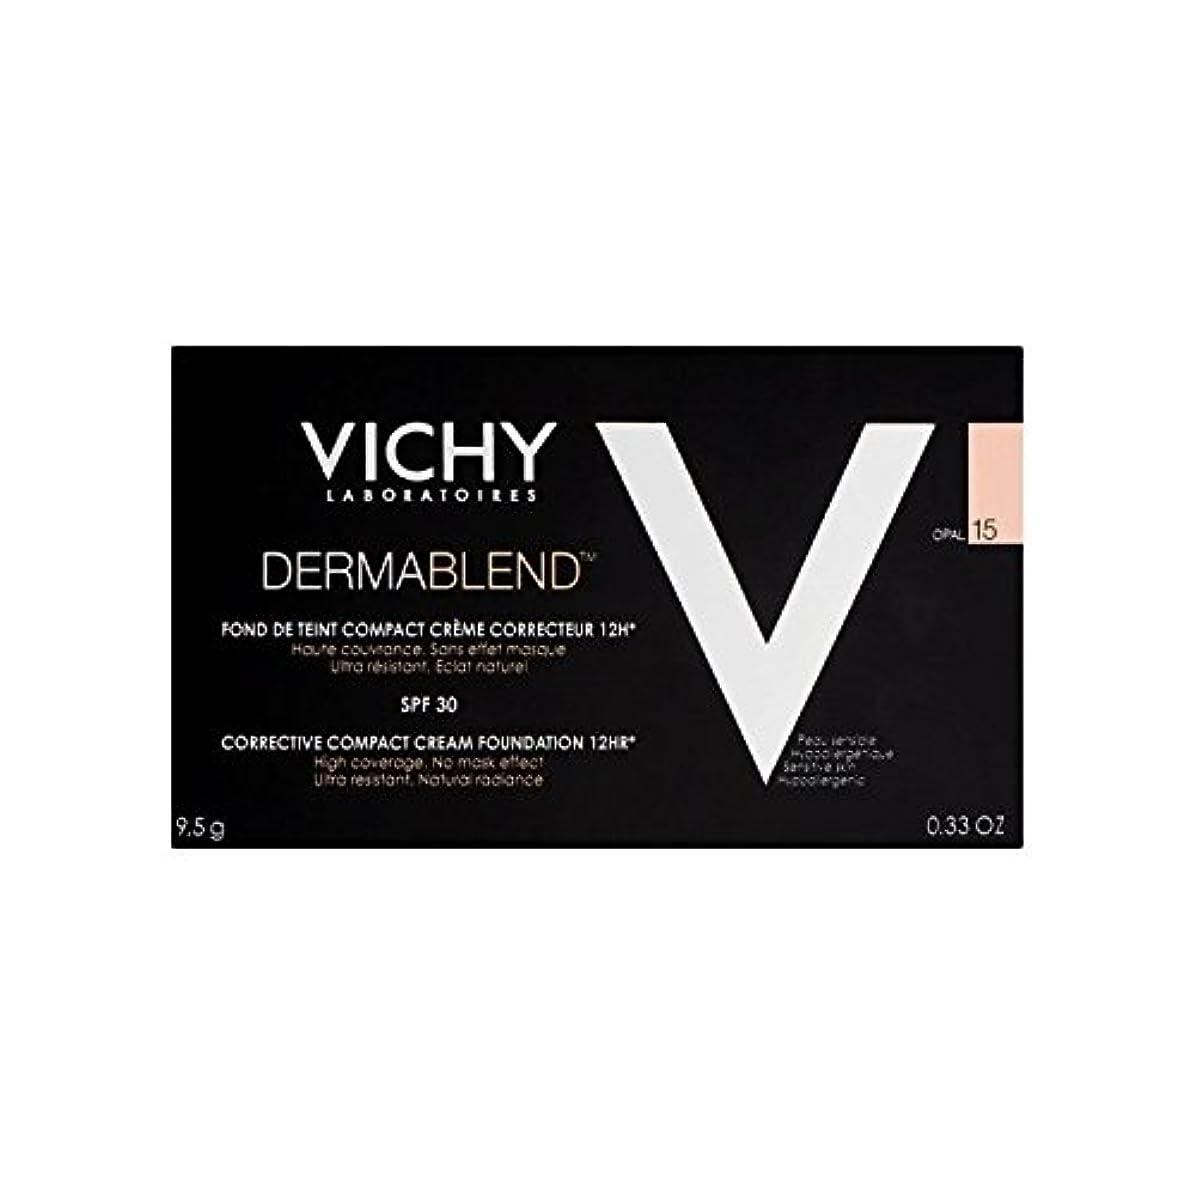 普遍的な着飾る達成するVichy Dermablend Corrective Compact Cream Foundation Opal 15 - ヴィシー是正コンパクトクリームファンデーションオパール15 [並行輸入品]